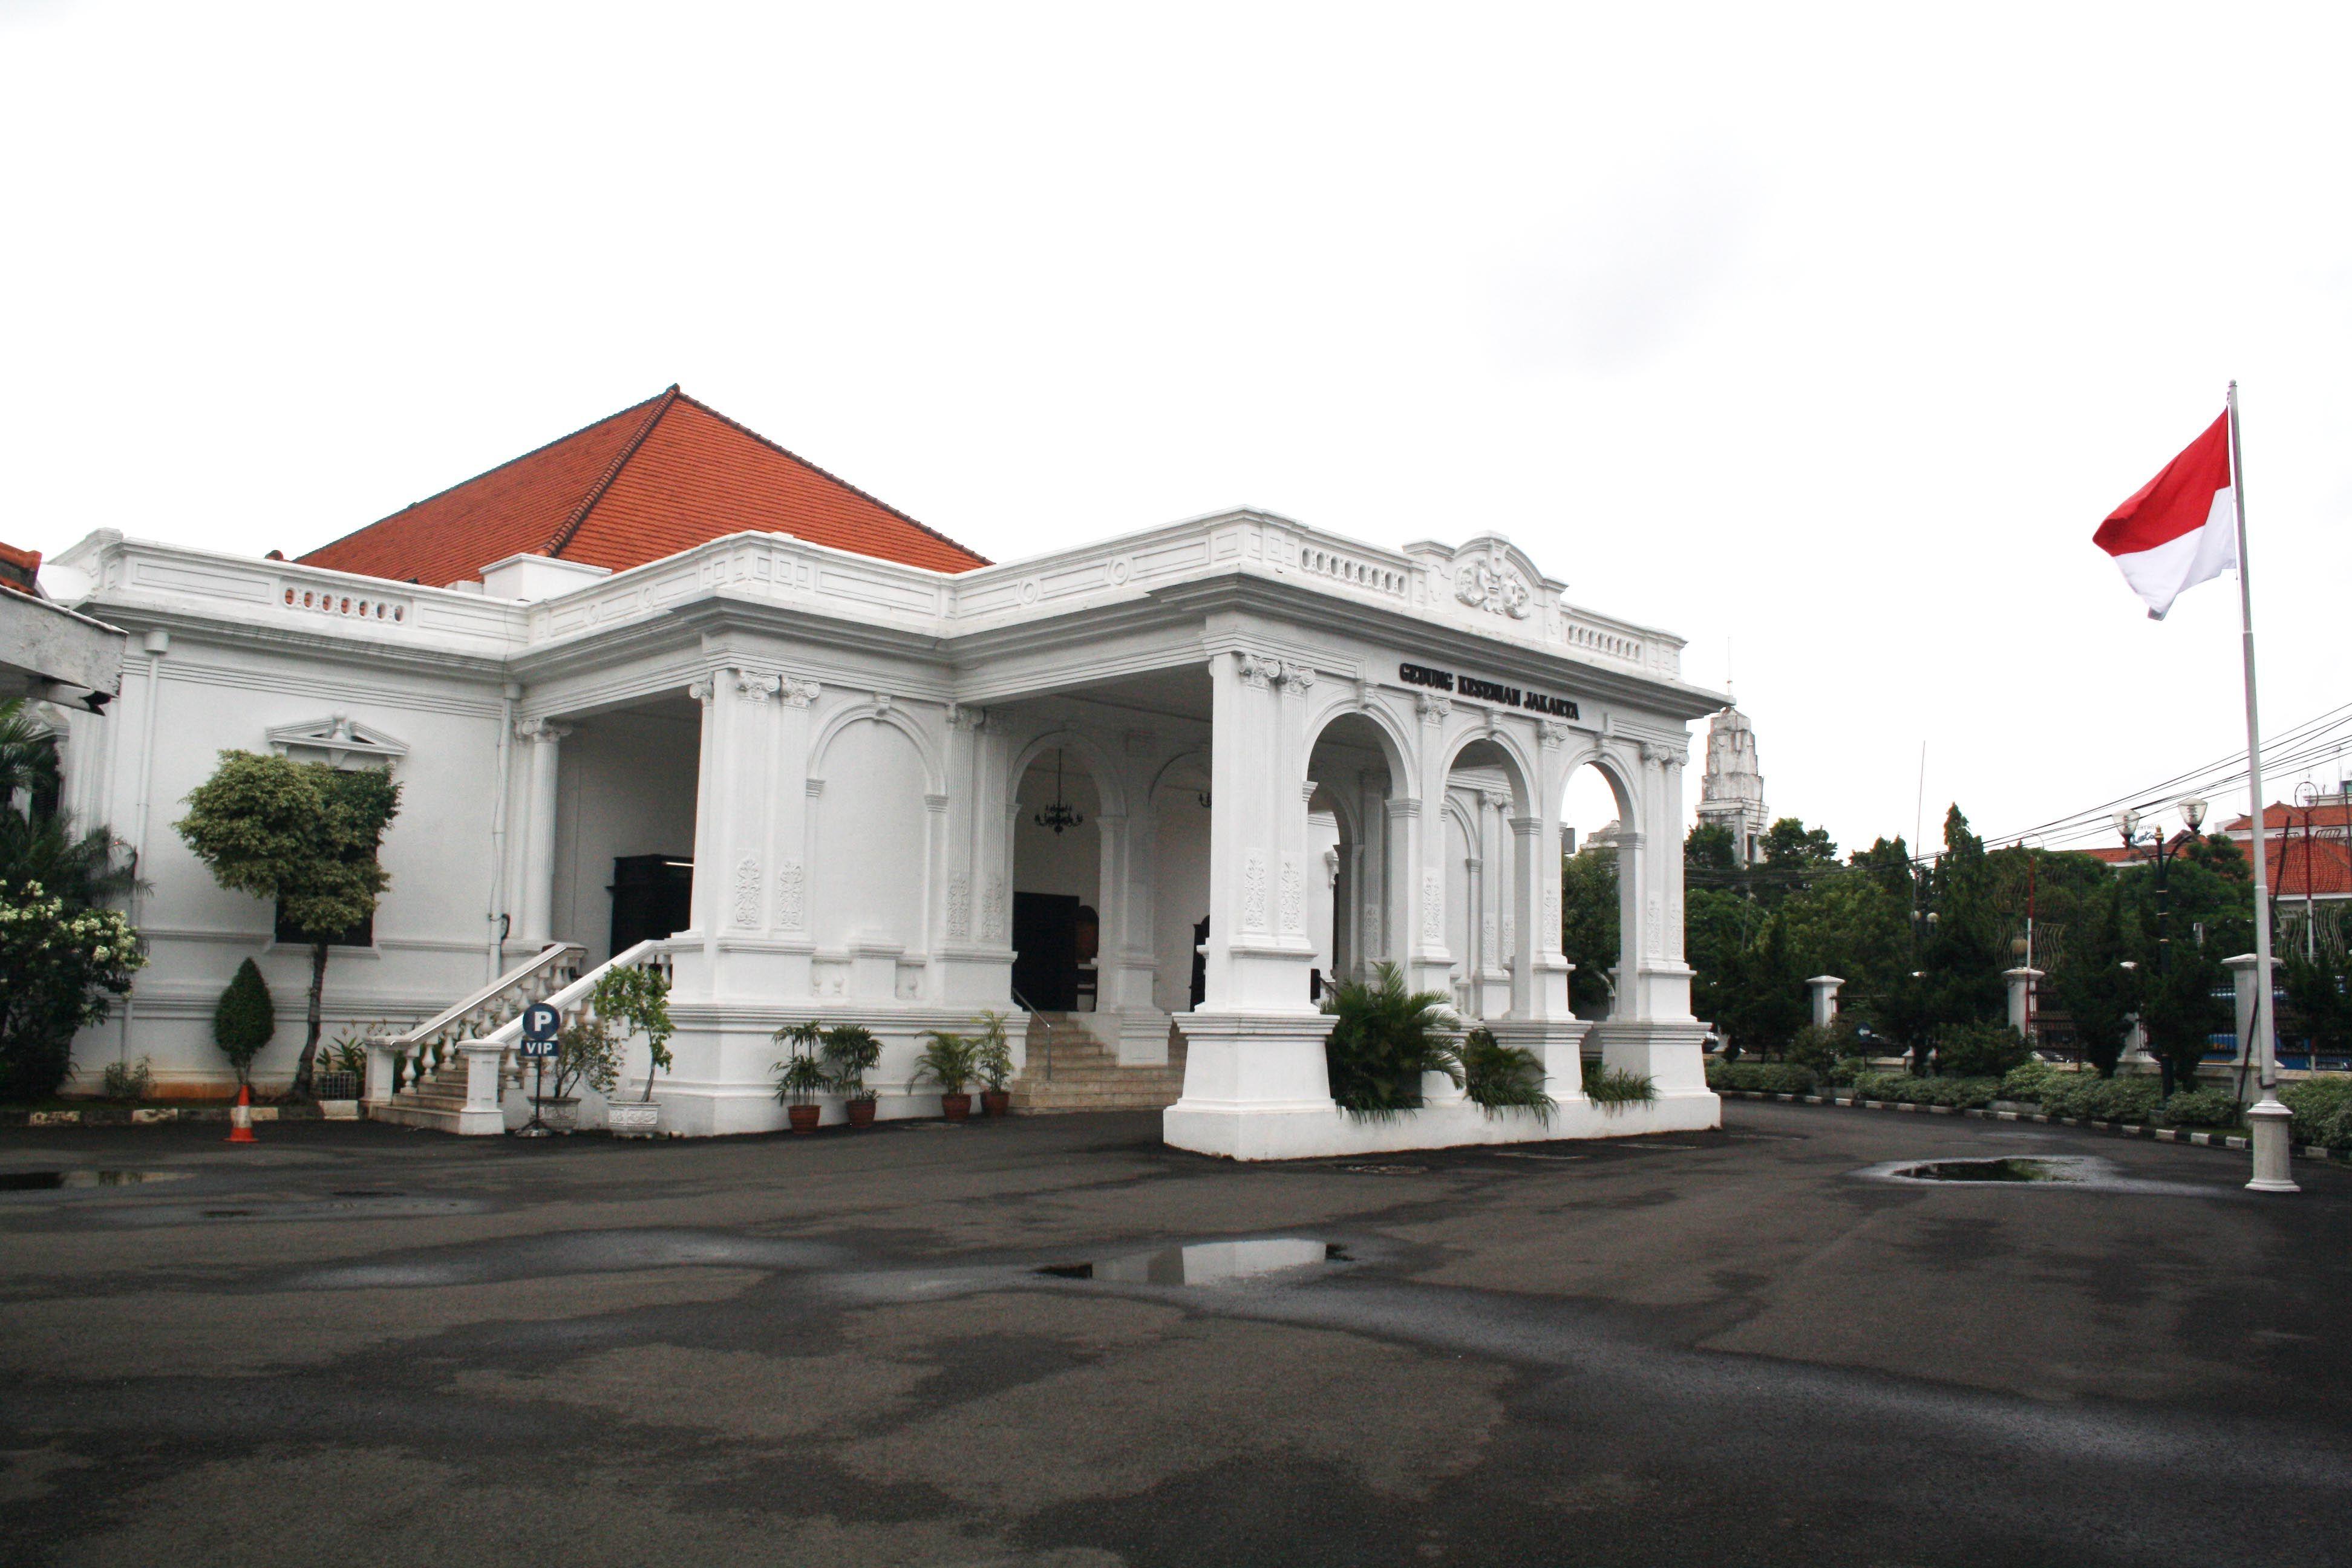 Gedung Kesenian Jakarta merupakan bangunan tua peninggalan